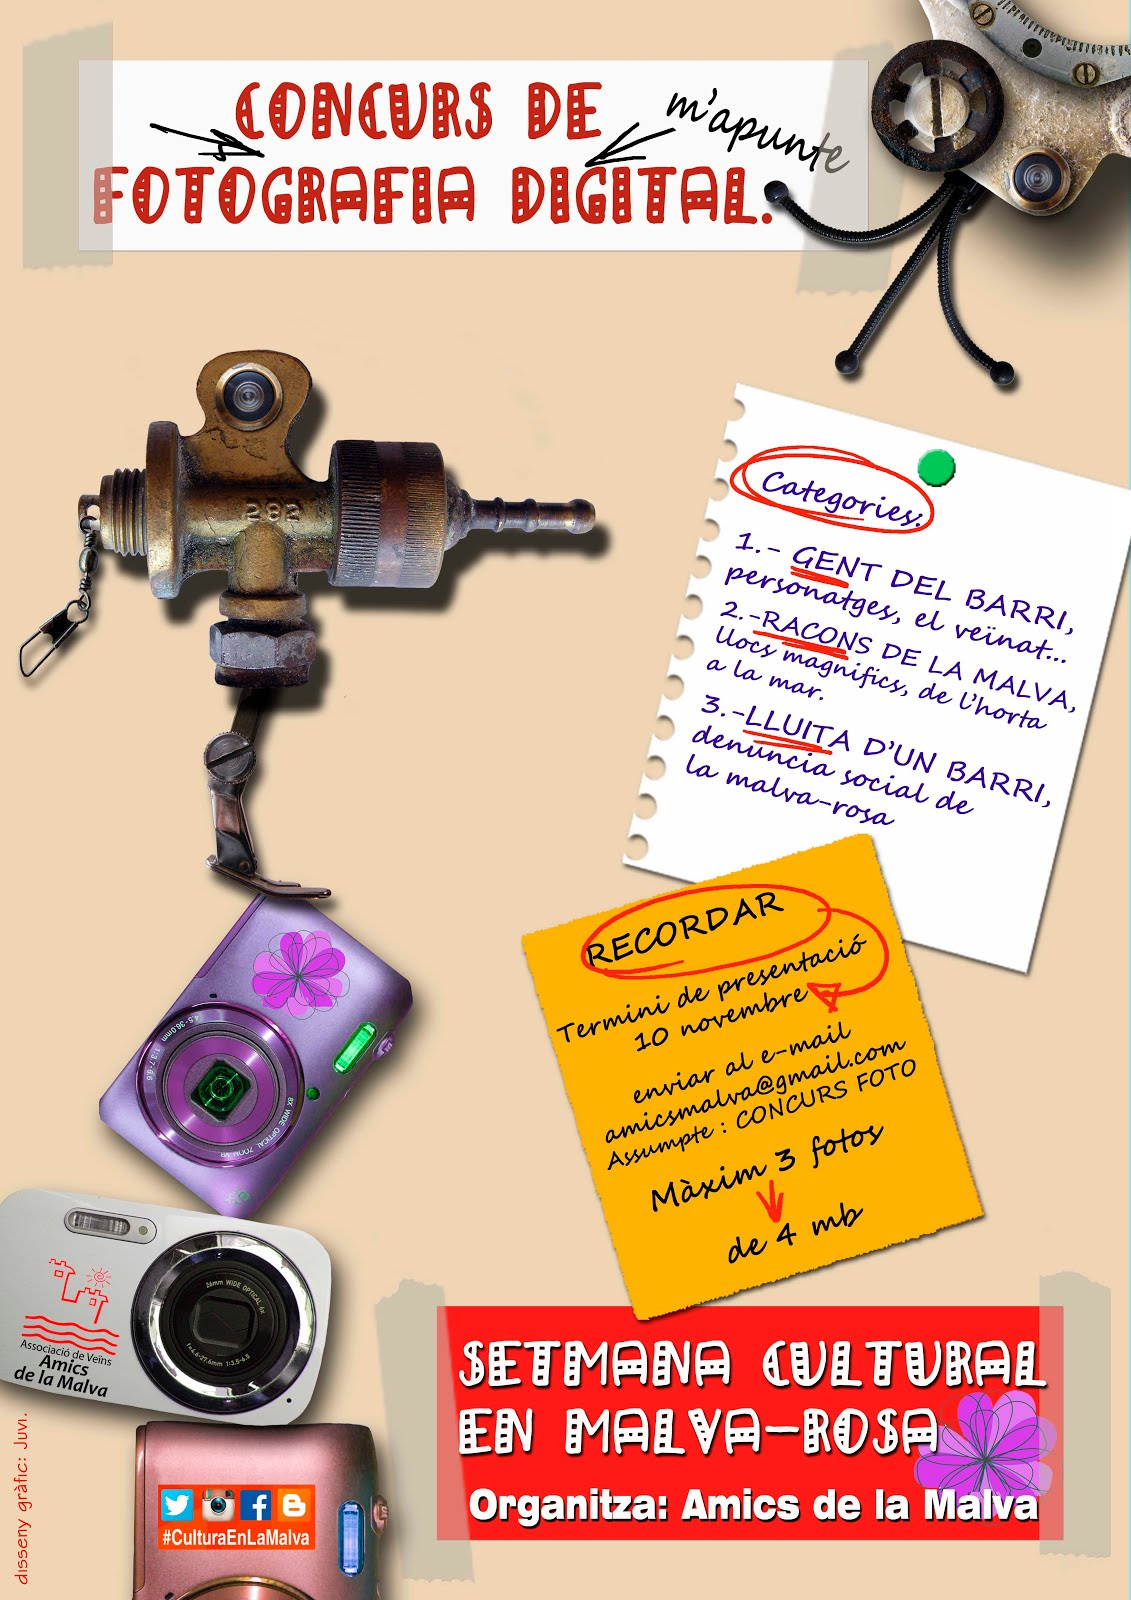 I Concurs de Fotografia digital